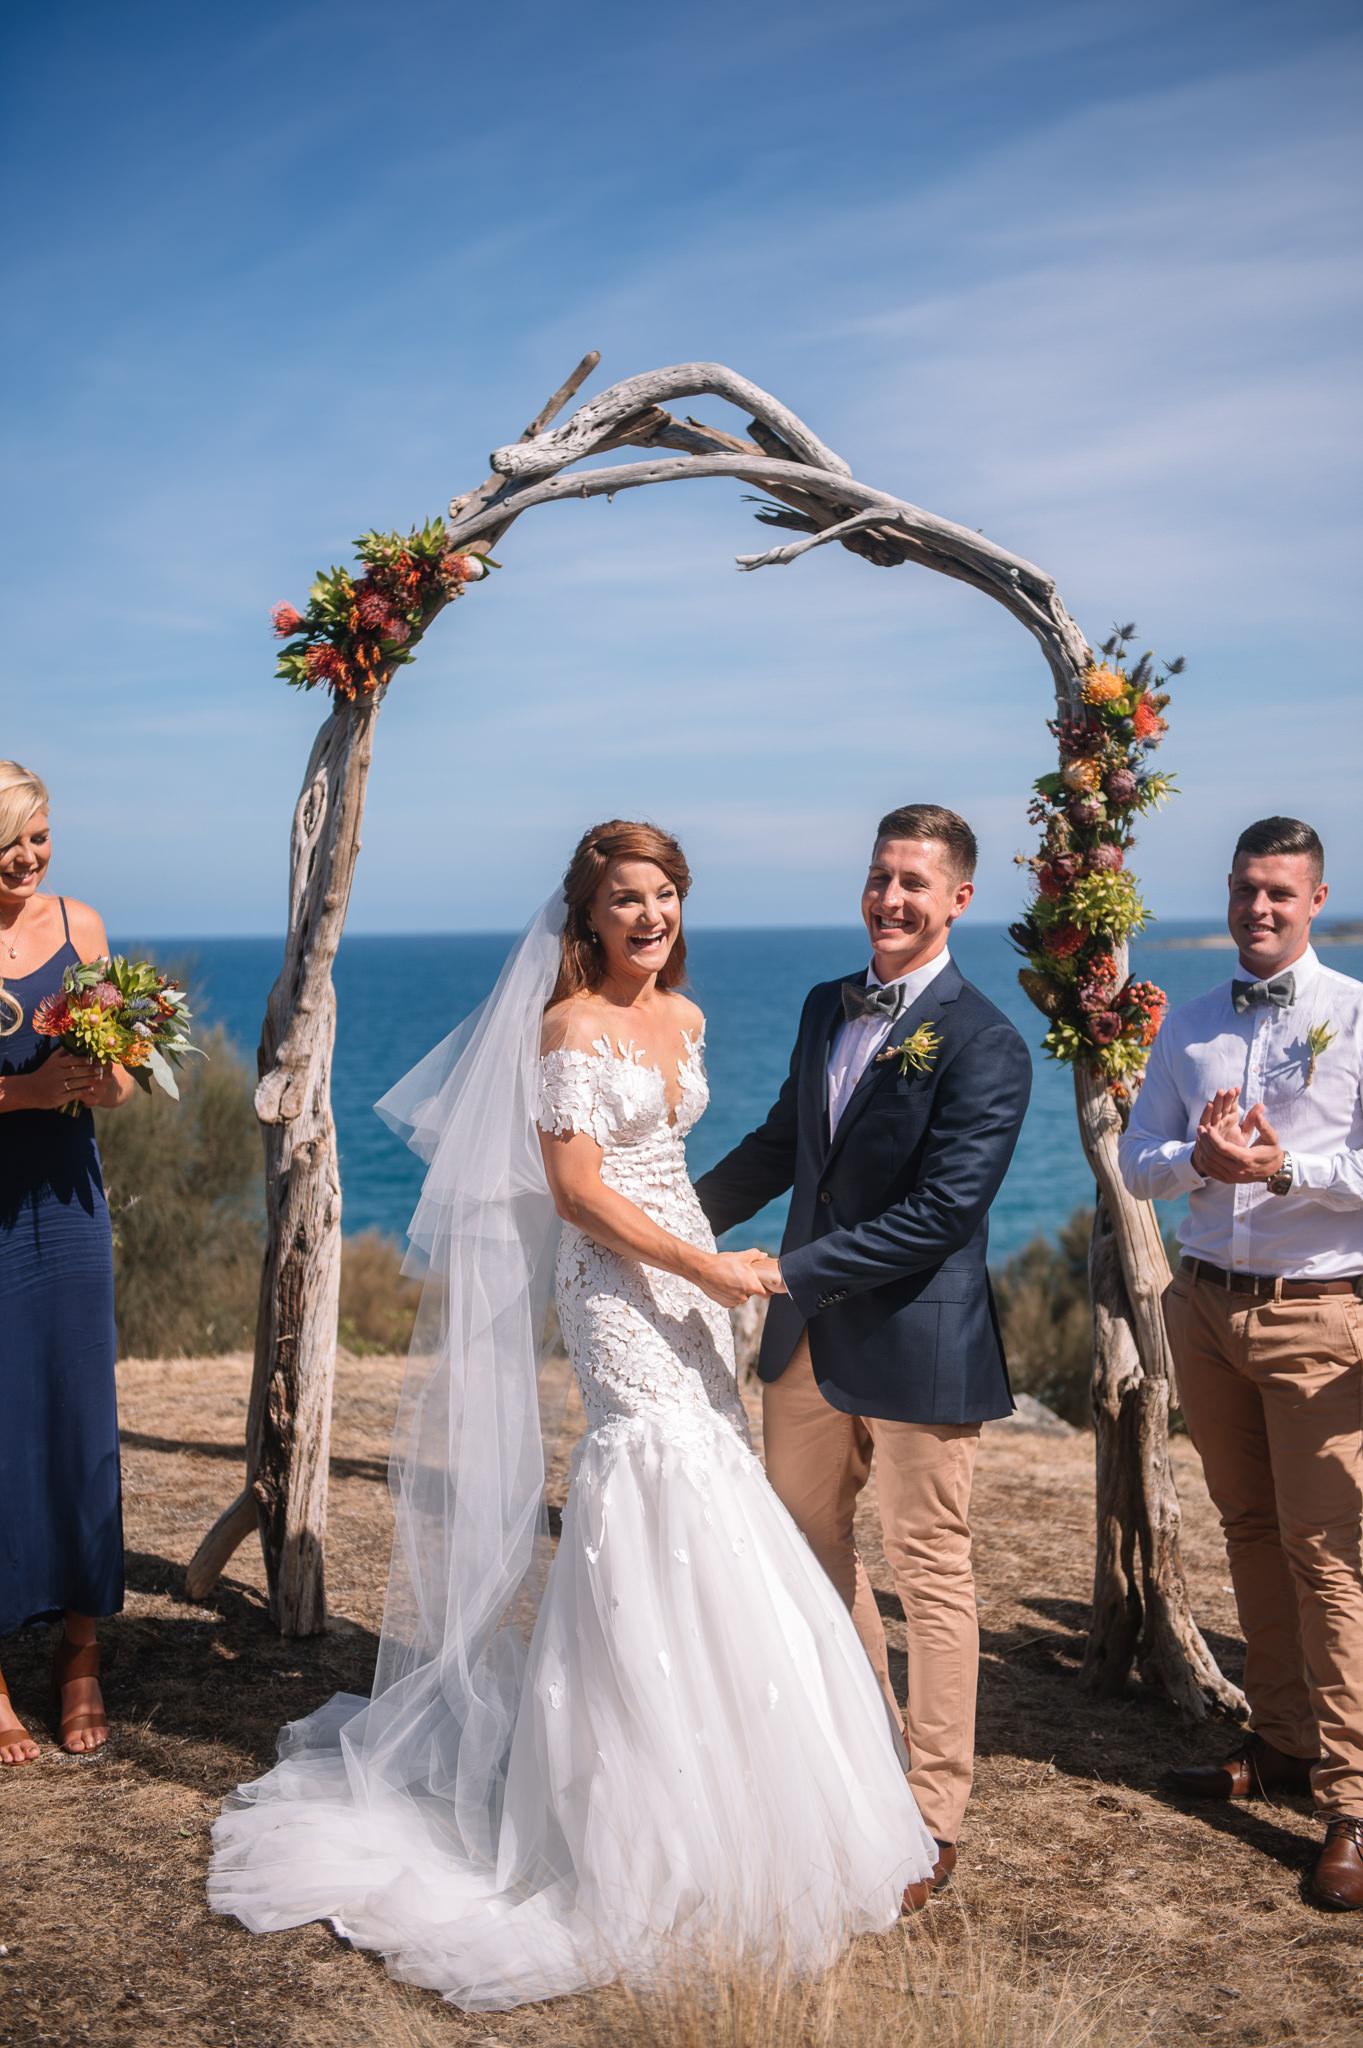 Coastal wedding under an arch of locally found driftwood